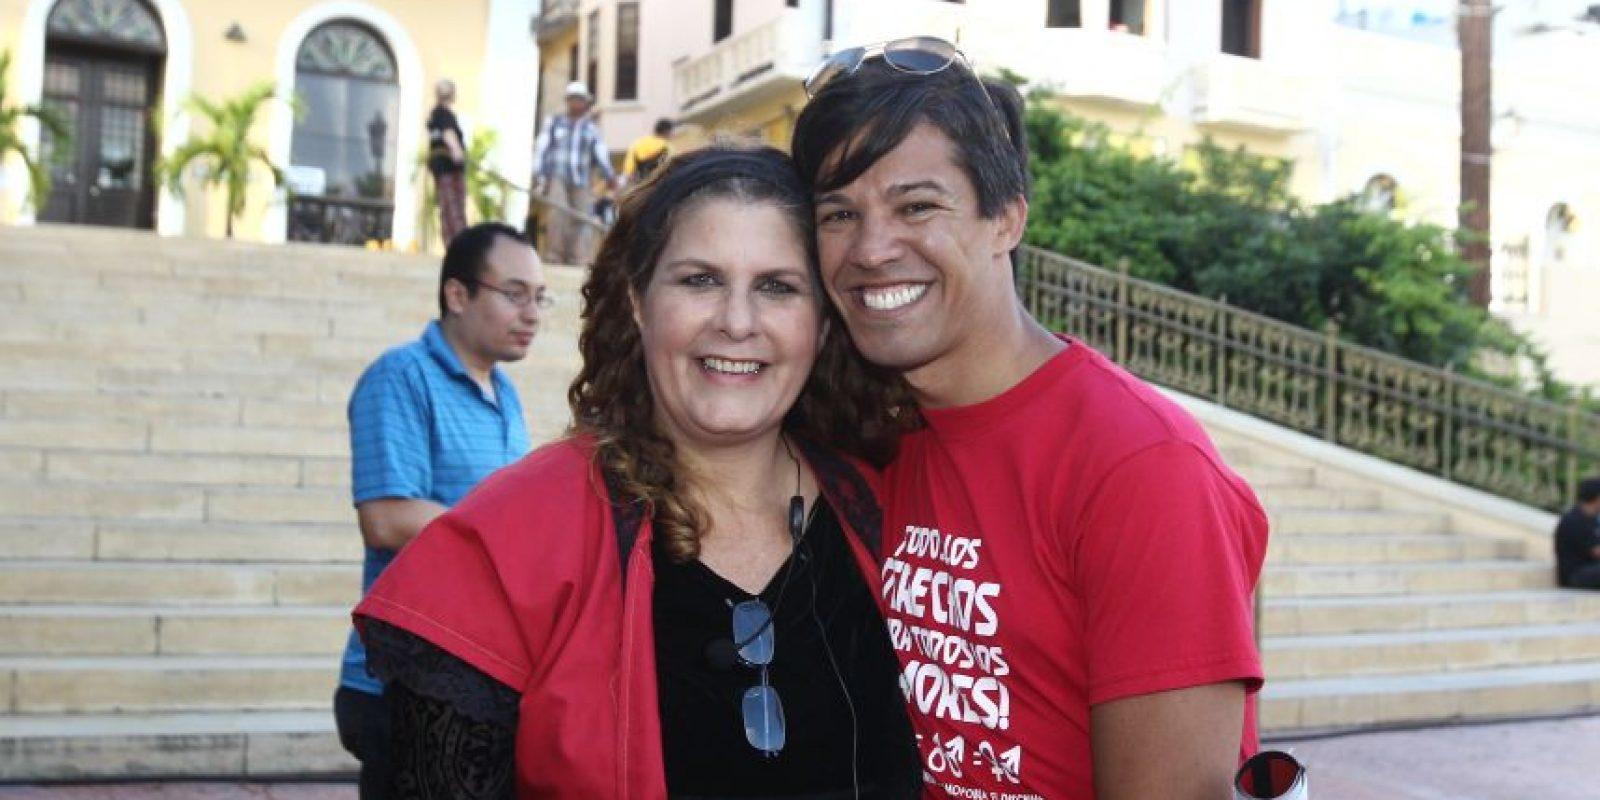 Tere Marichal junto con el luchador de derechos humanos Pedro Julio Serrano Foto:Keno Rodríguez/ Metro Puerto Rico. Imagen Por: